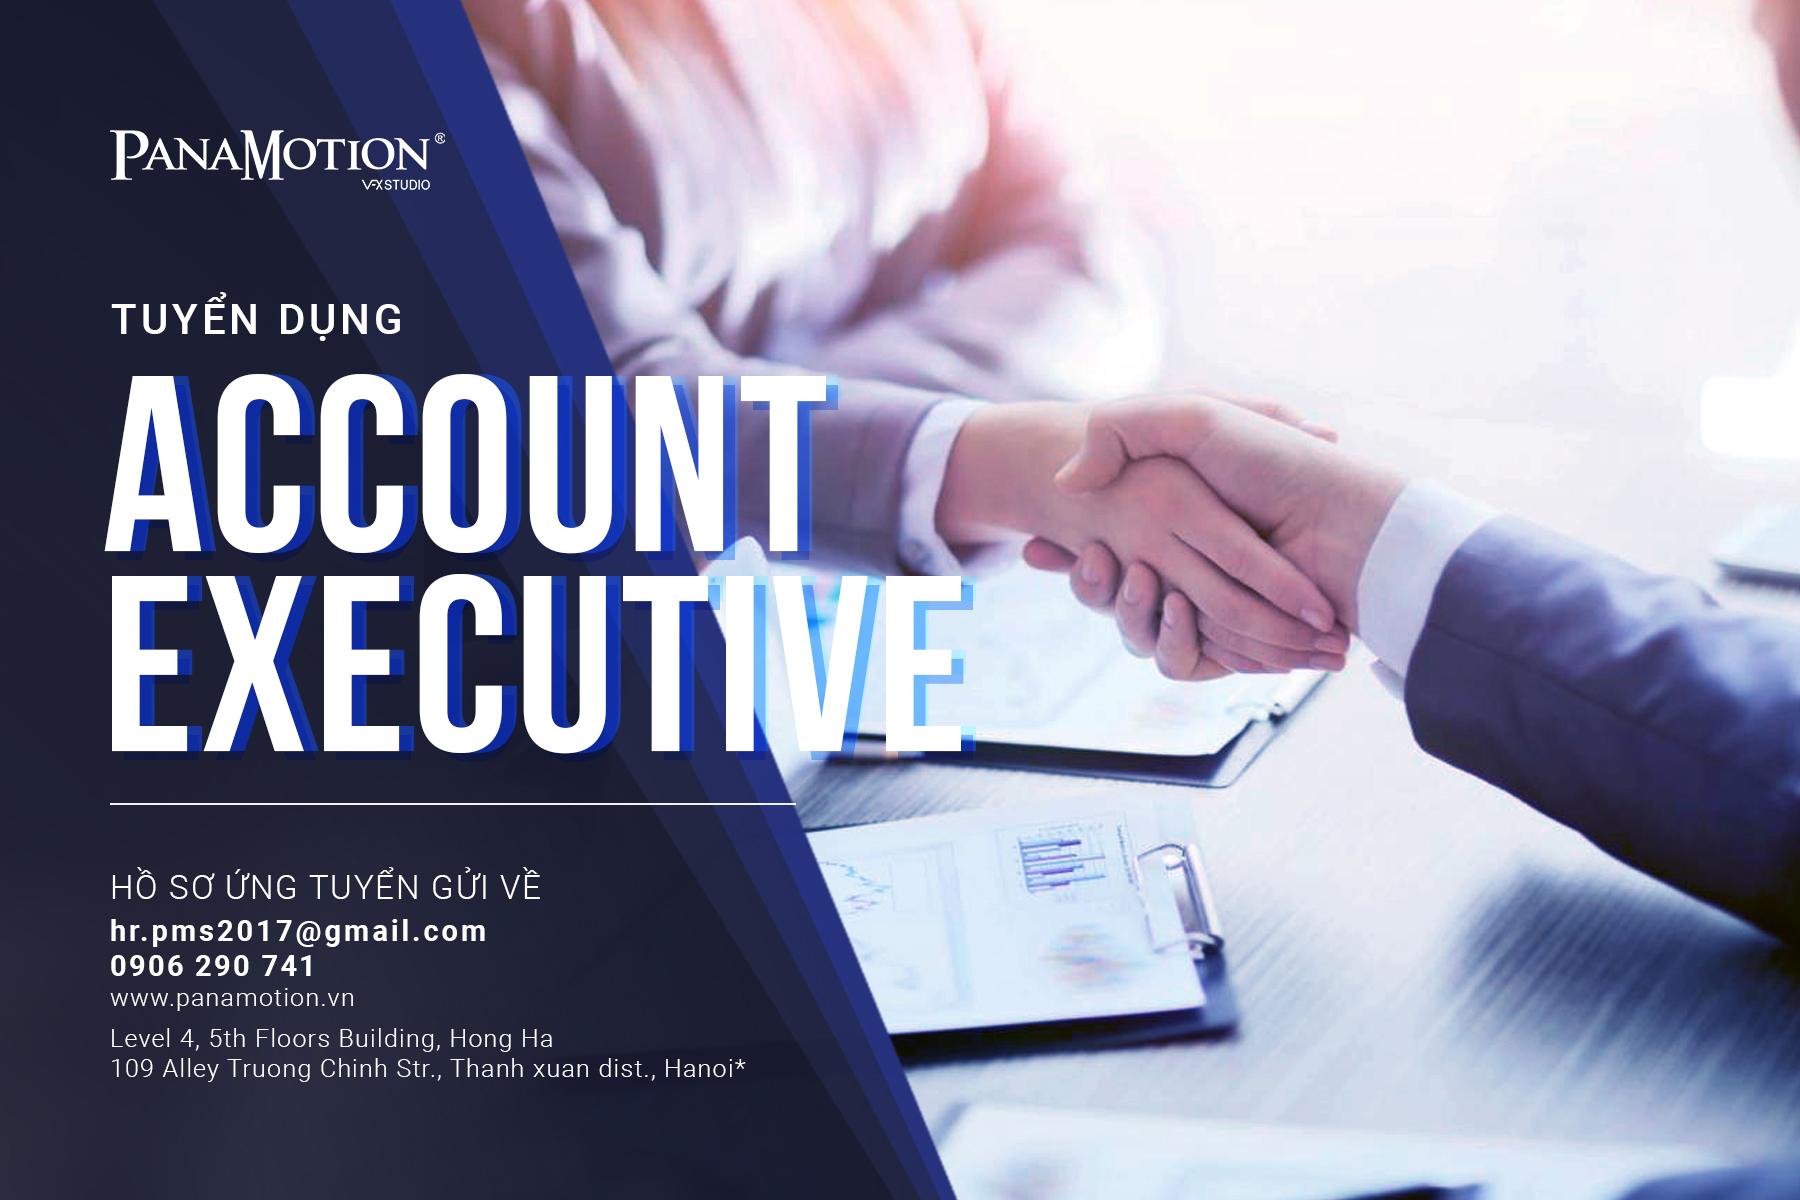 PanaMotion Tuyển Dụng Account Executive